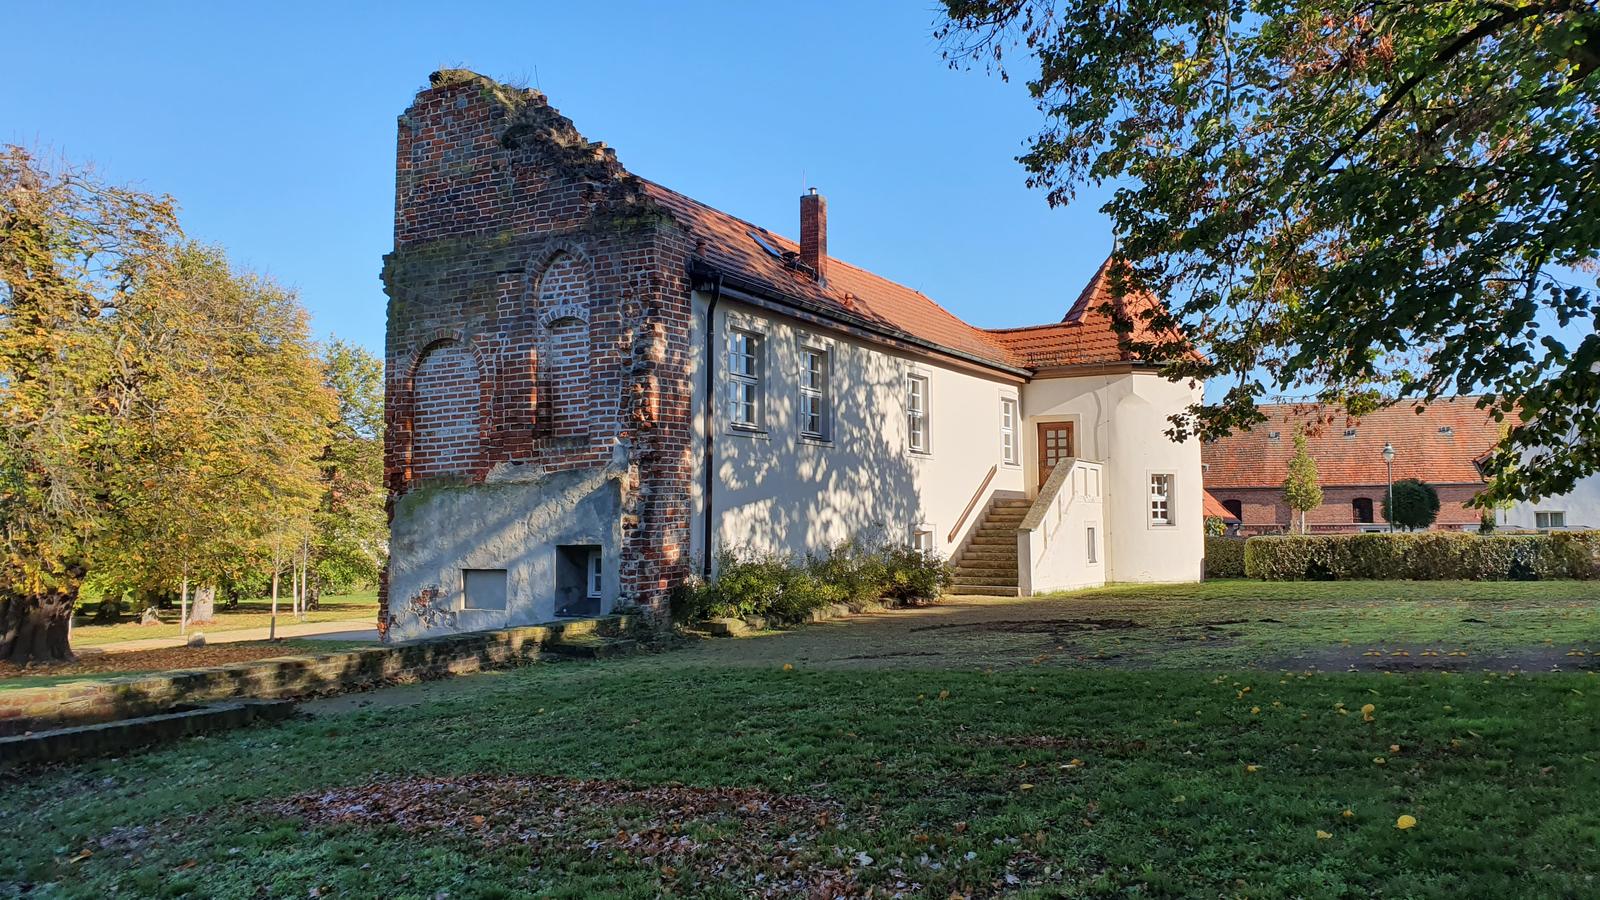 Bismarck-Museum im Schloss in Schönhausen an der Elbe - Vom Schloss ist heute nur noch ein Seitenflügel erhalten, der Rest wurde gesprengt.